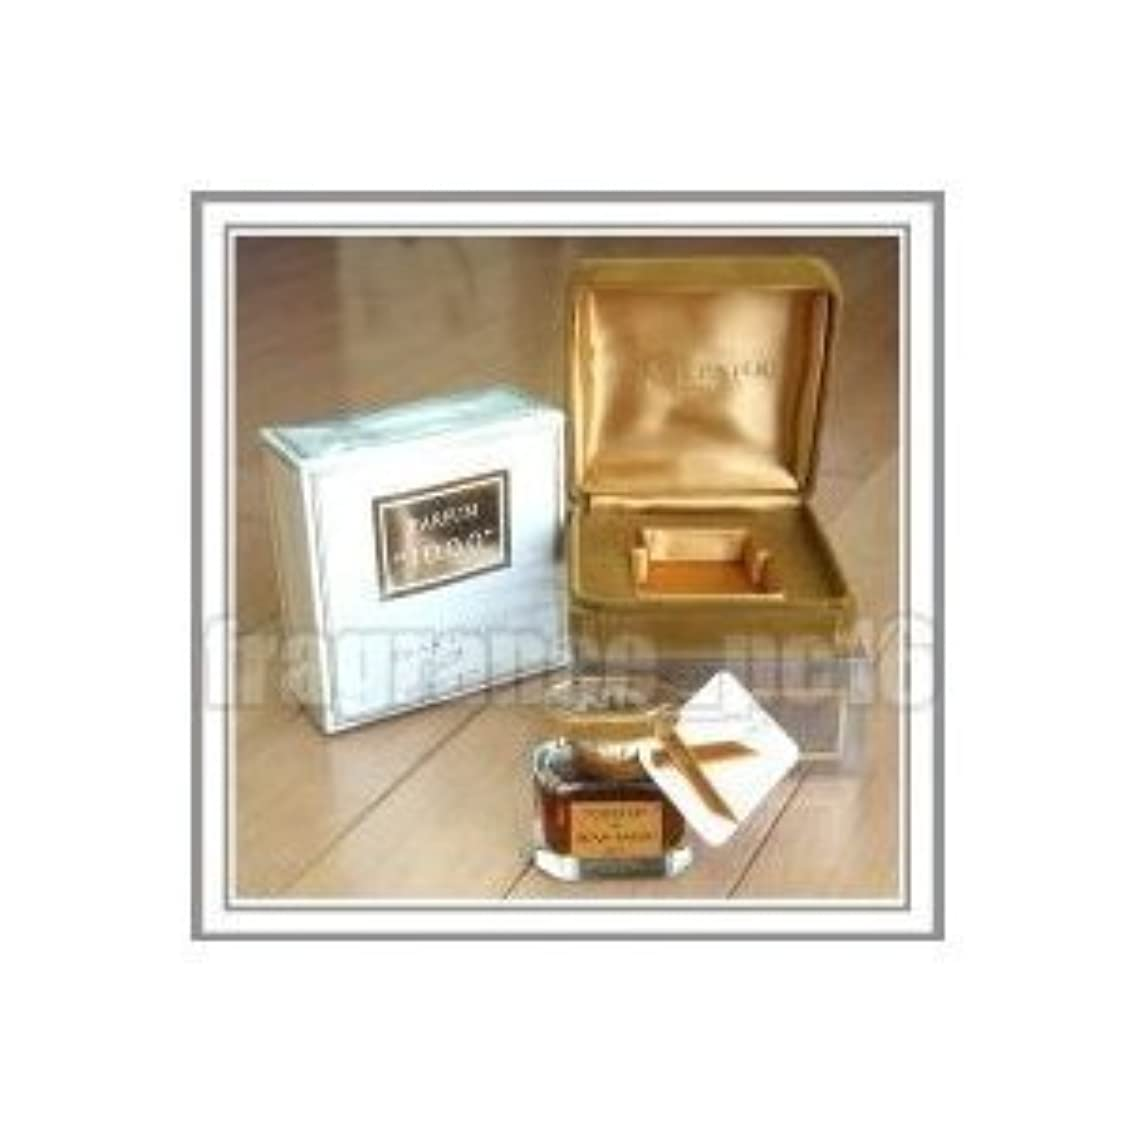 クラフト密輸不良品JEAN PATOU ジャンパトゥ ミル 1000 Parfum 15ml (並行輸入)